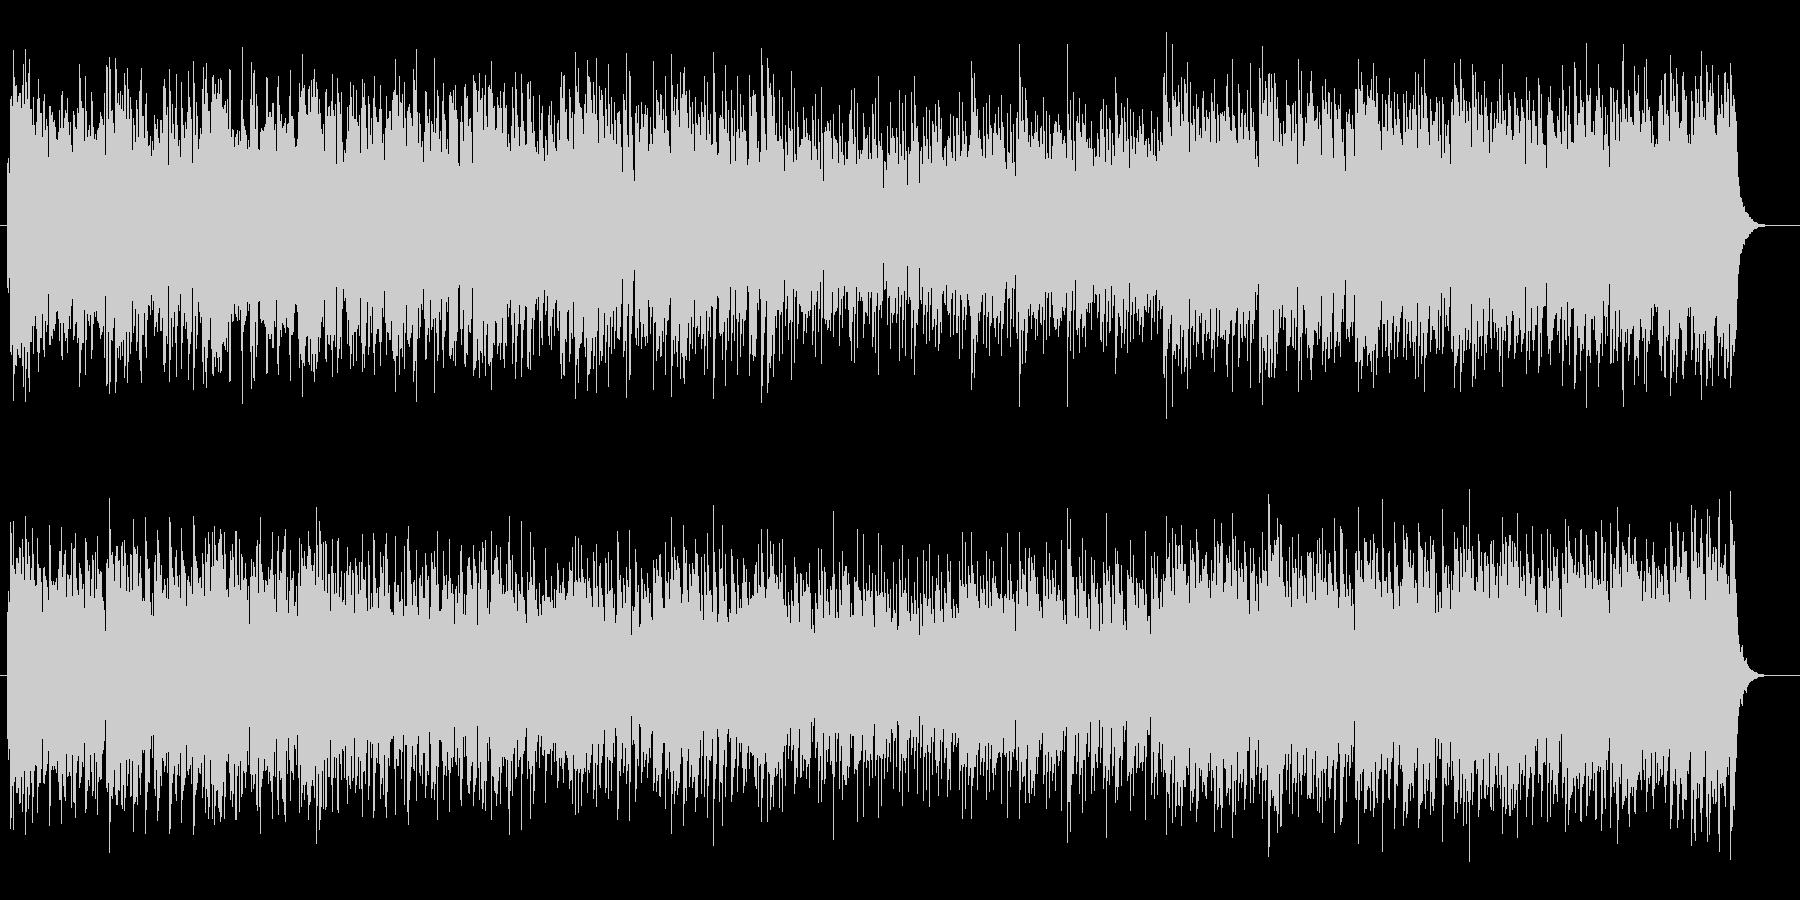 流暢でリズミカルなポップサウンドの未再生の波形